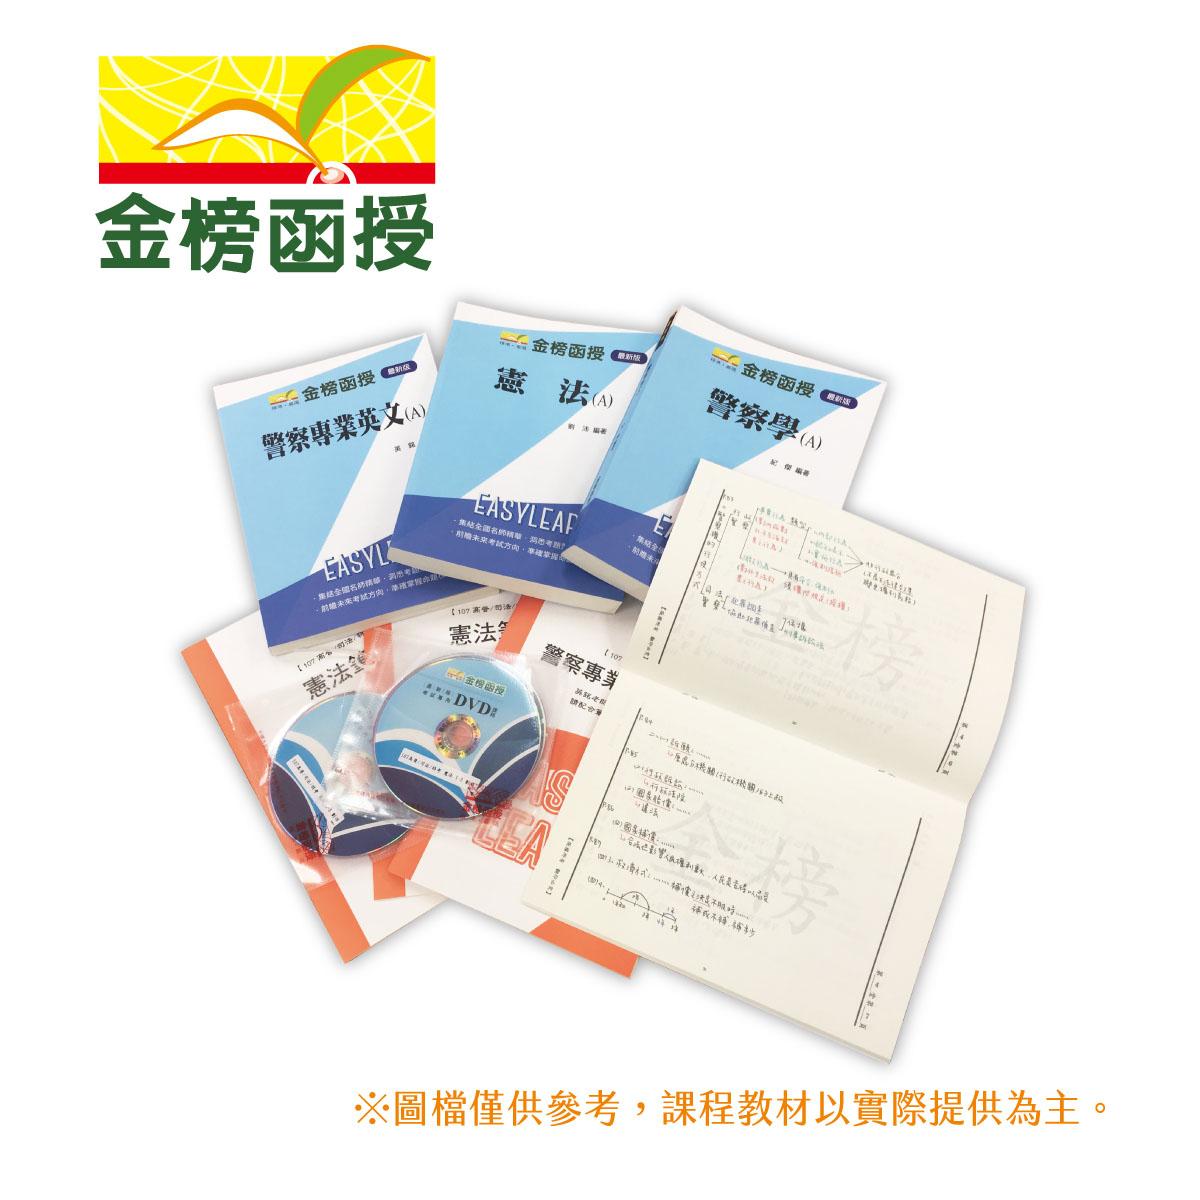 107金榜函授/地方特考/四等/全套/交通行政/书面